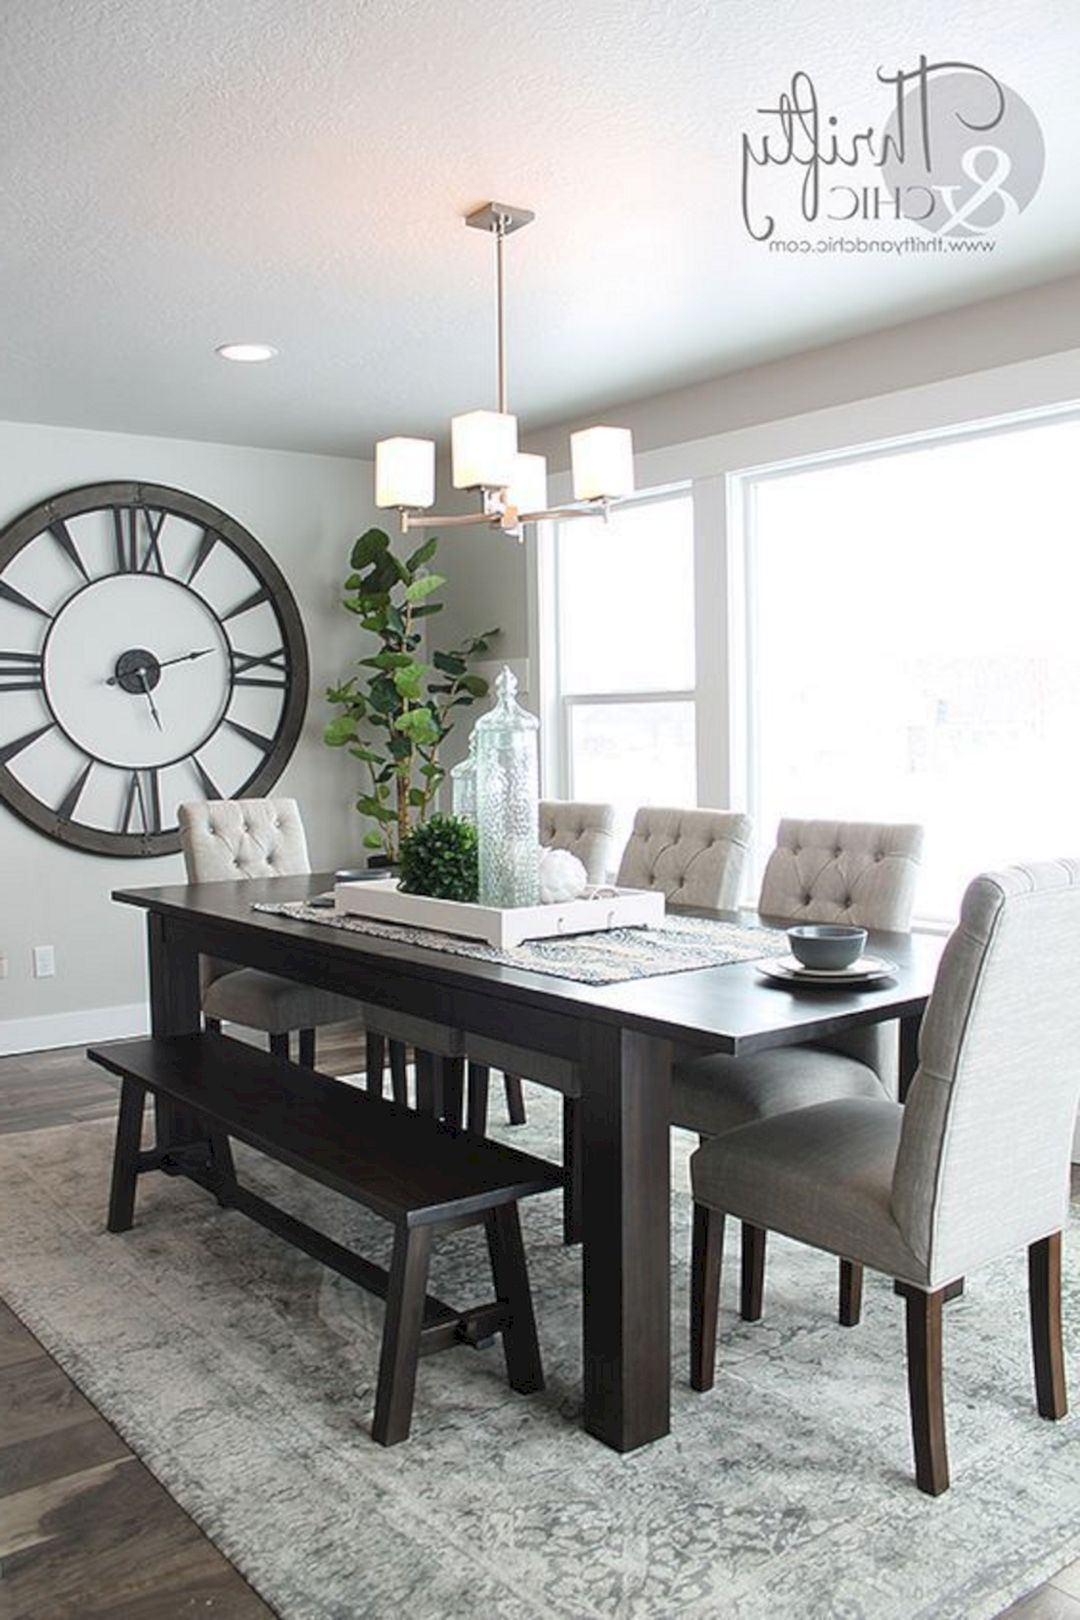 75 Simple And Minimalist Dining Table Decor Ideas Diningroom